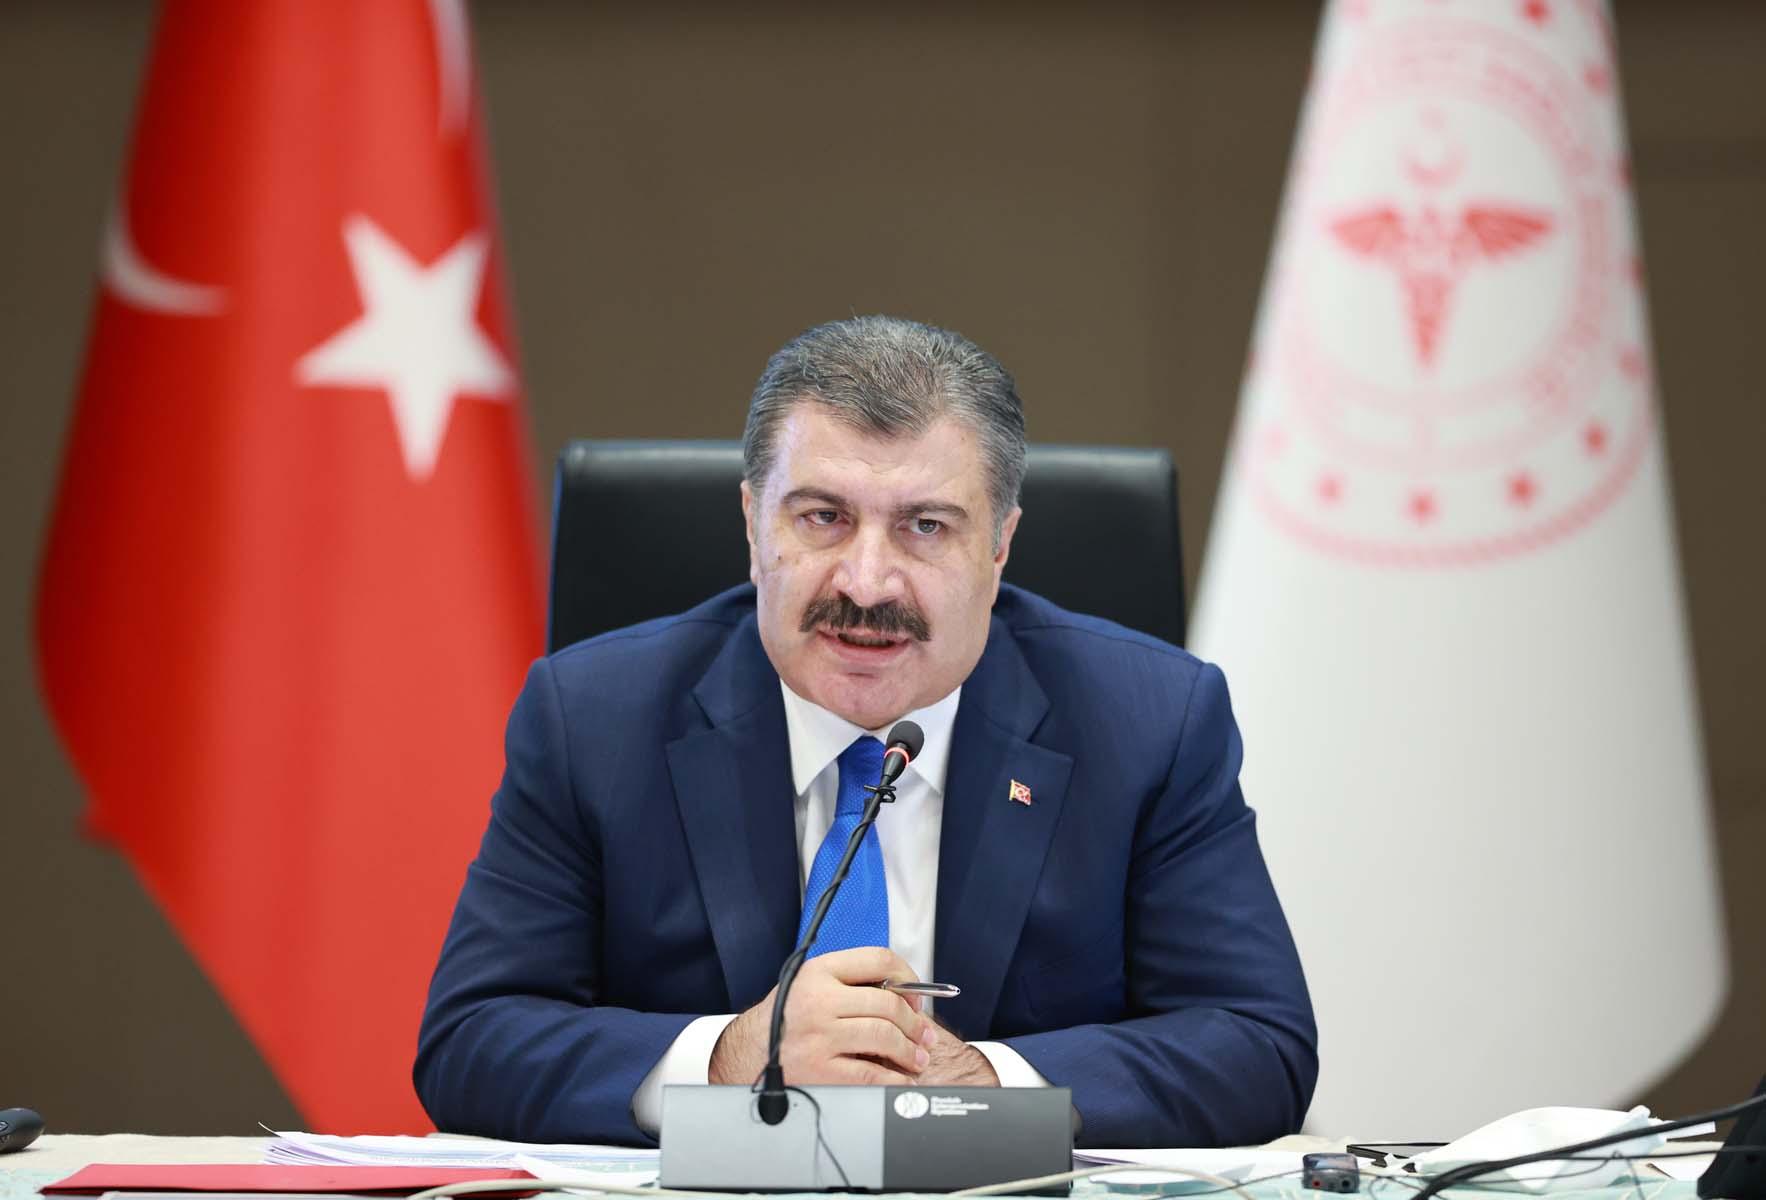 Kış döneminde yeni tedbirler gelecek mi? Sağlık Bakanı Fahrettin Koca'dan Bilim Kurulu toplantısı sonrası flaş açıklama